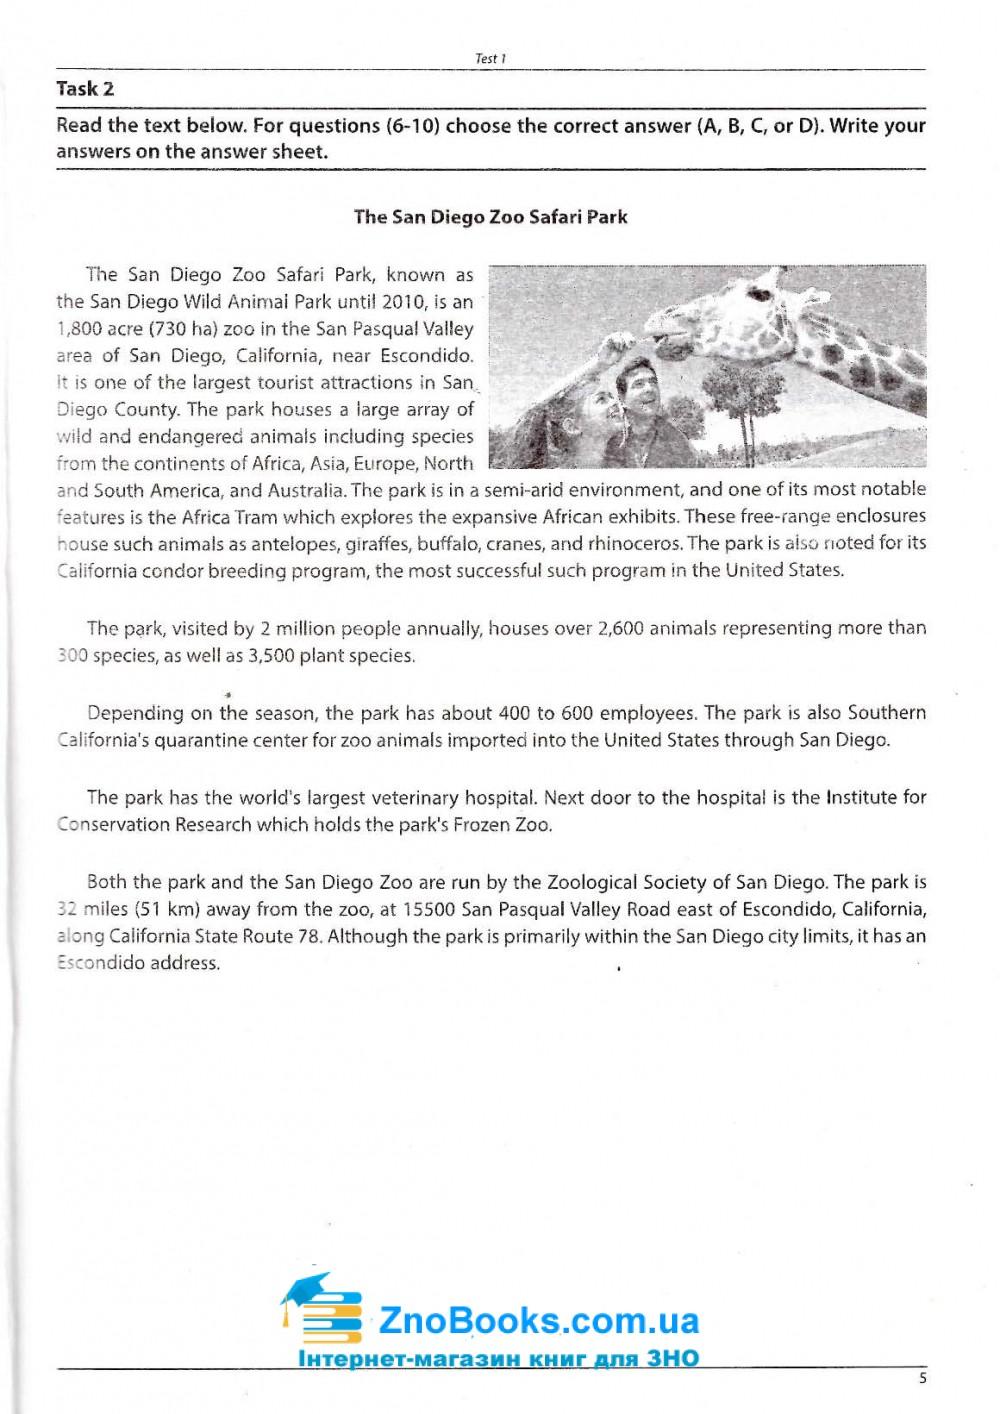 Англійська мова ЗНО 2020. Комплексні тести (20 варіантів тестів у форматі ЗНО). Авт: Євчук О., Доценко І. Вид-во: Абетка. купити 5